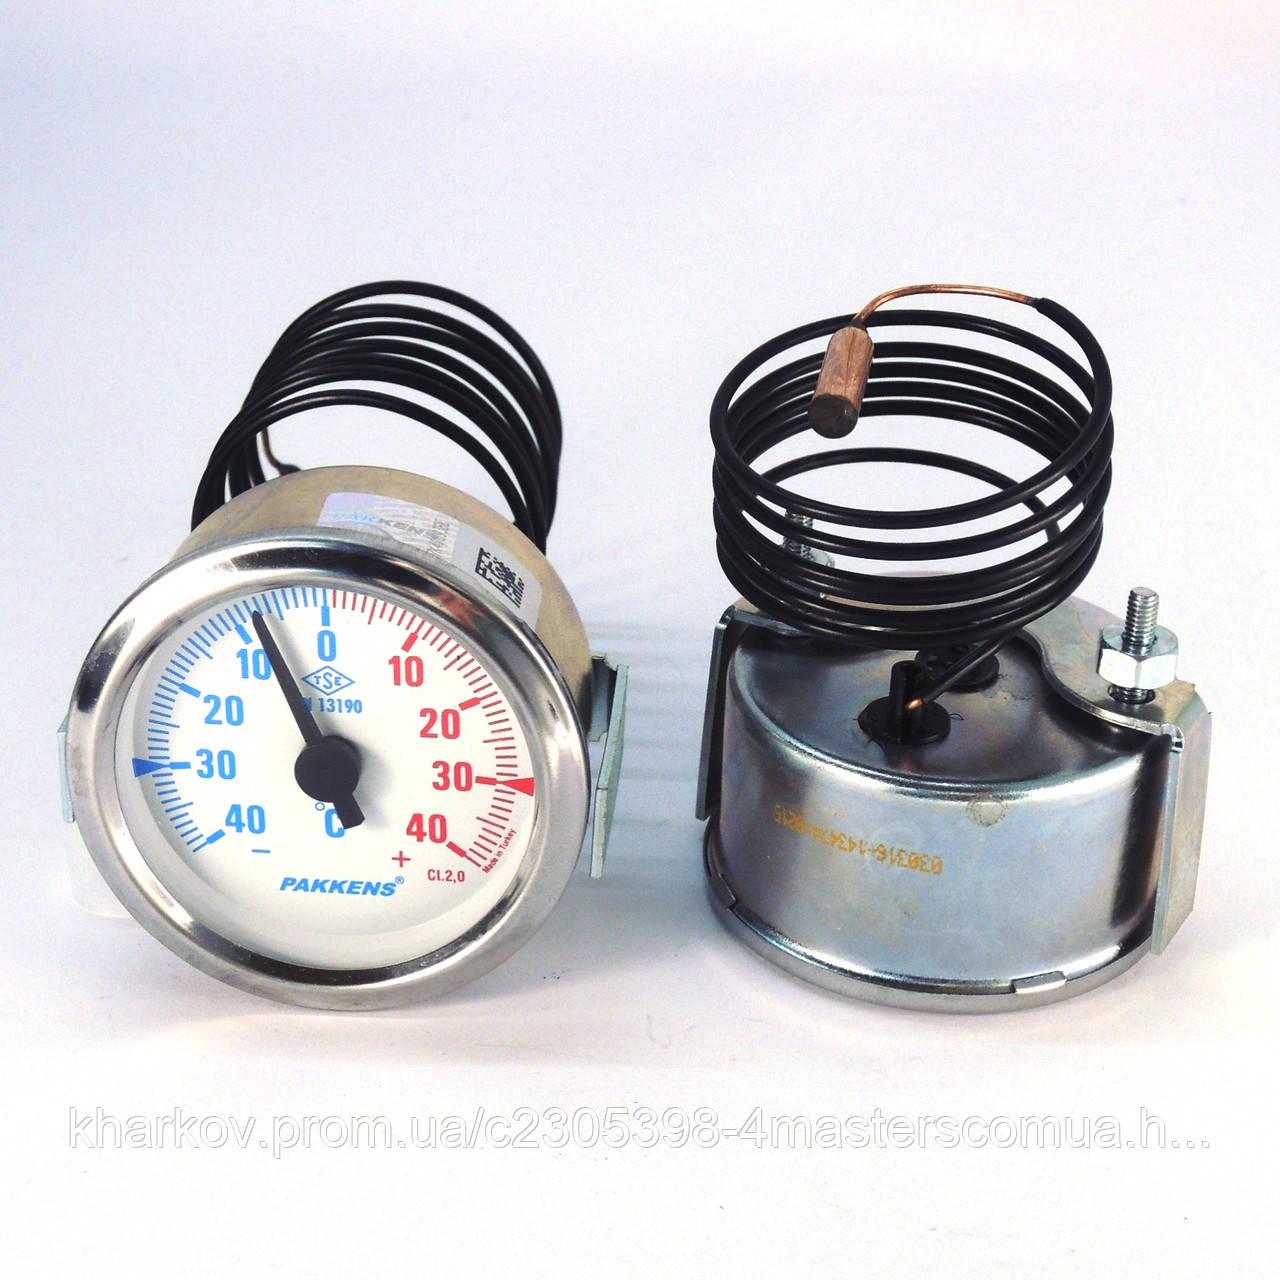 Термометр ± 40°С с выносным датчиком 1 м Ø60, Pakkens Турция